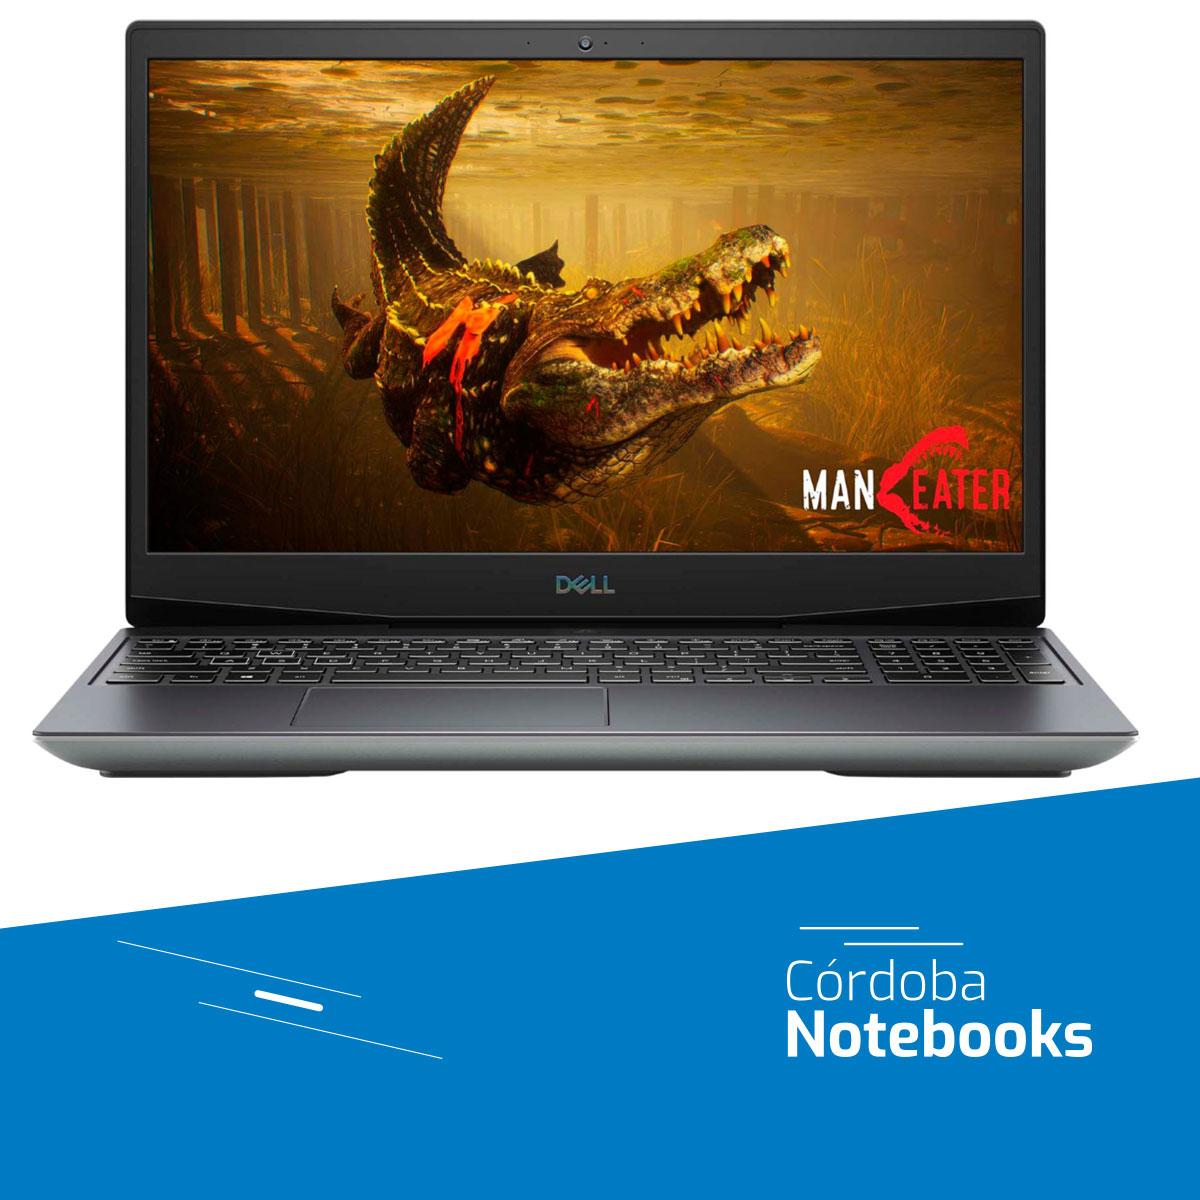 Portada-Dell-G5-5505-pagina